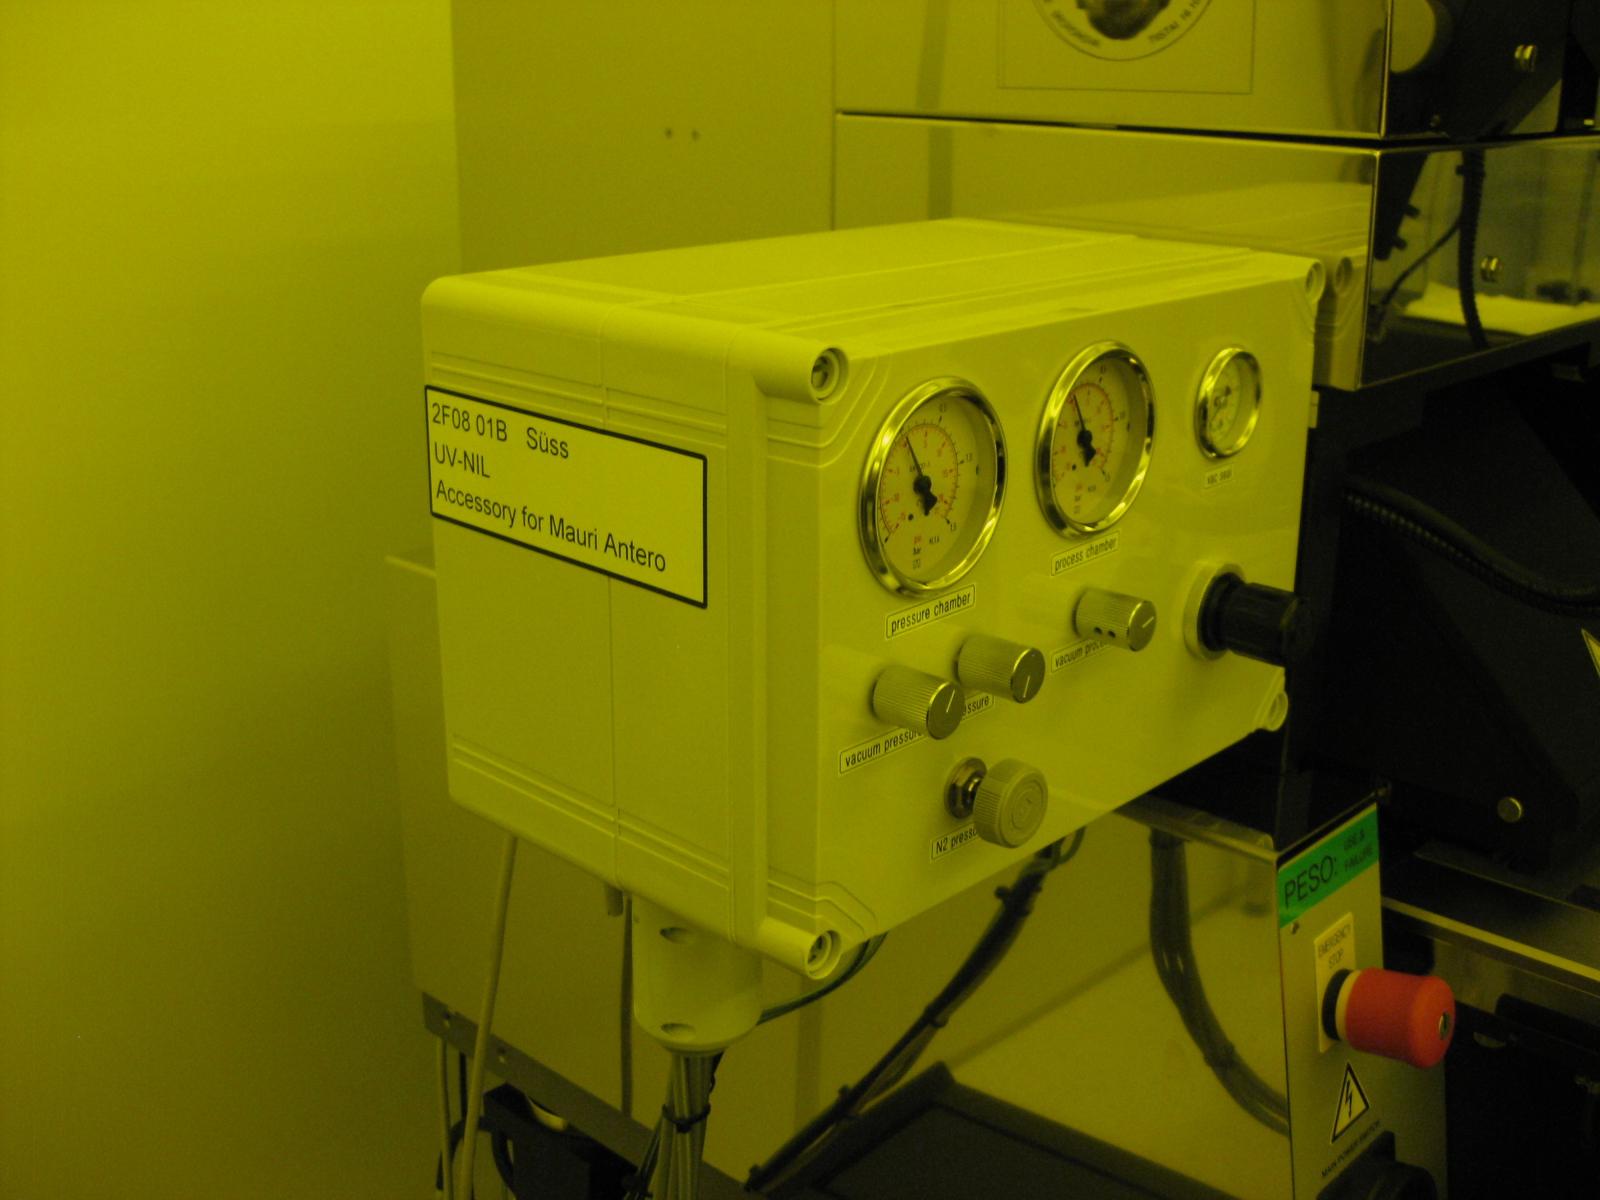 Picture of UV-NIL (accessory for Mauri Antero)